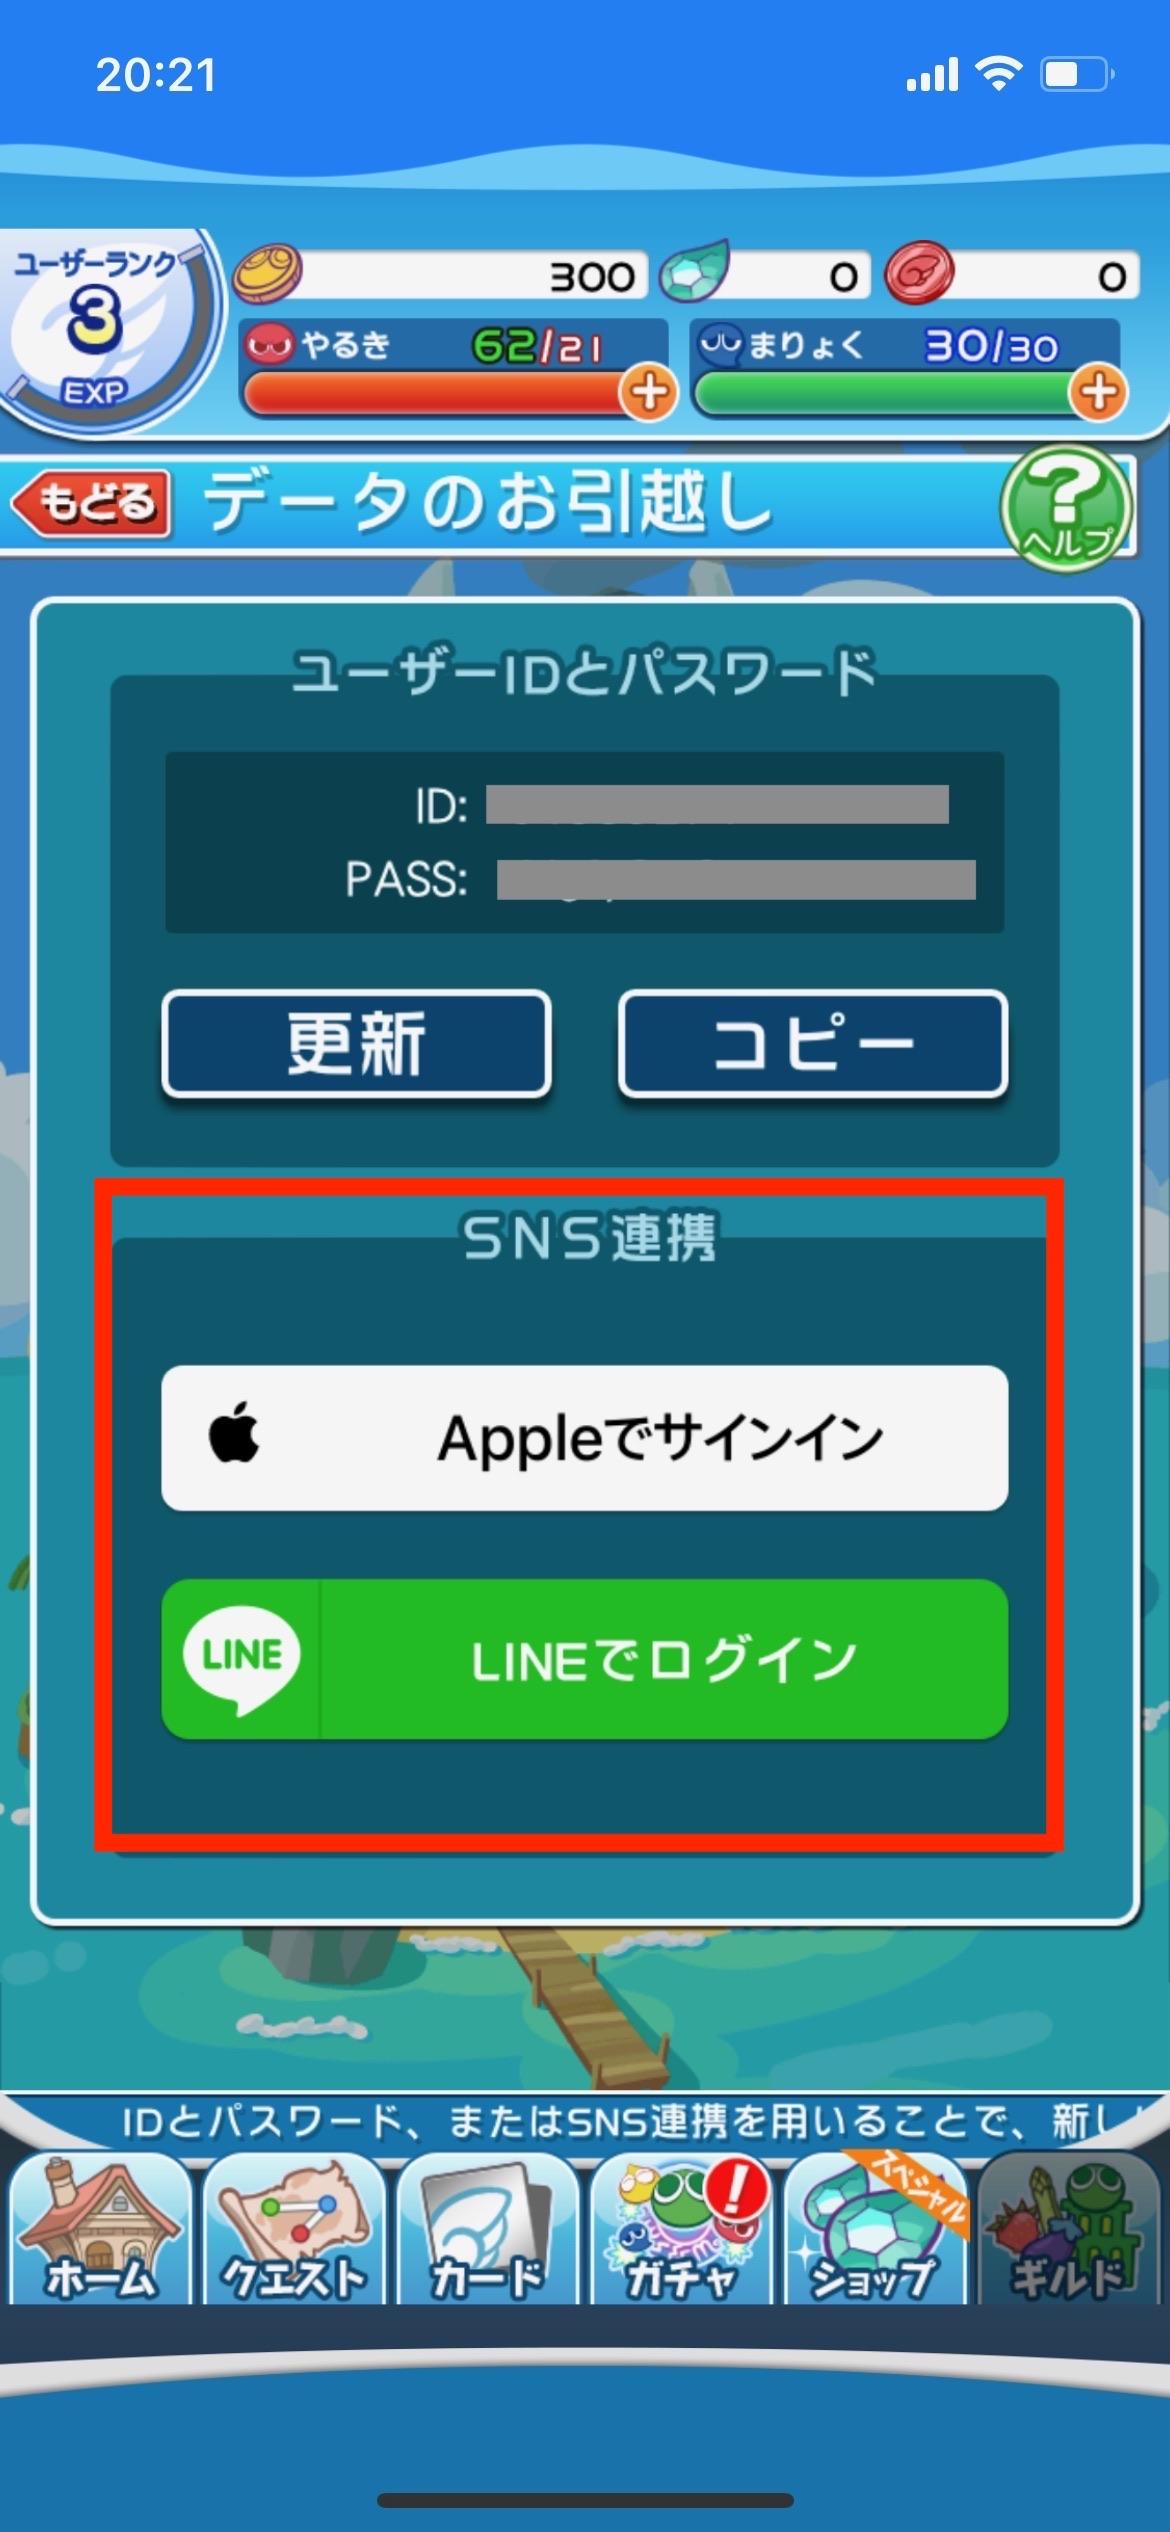 データのお引越し画面でSNS連携を選択する